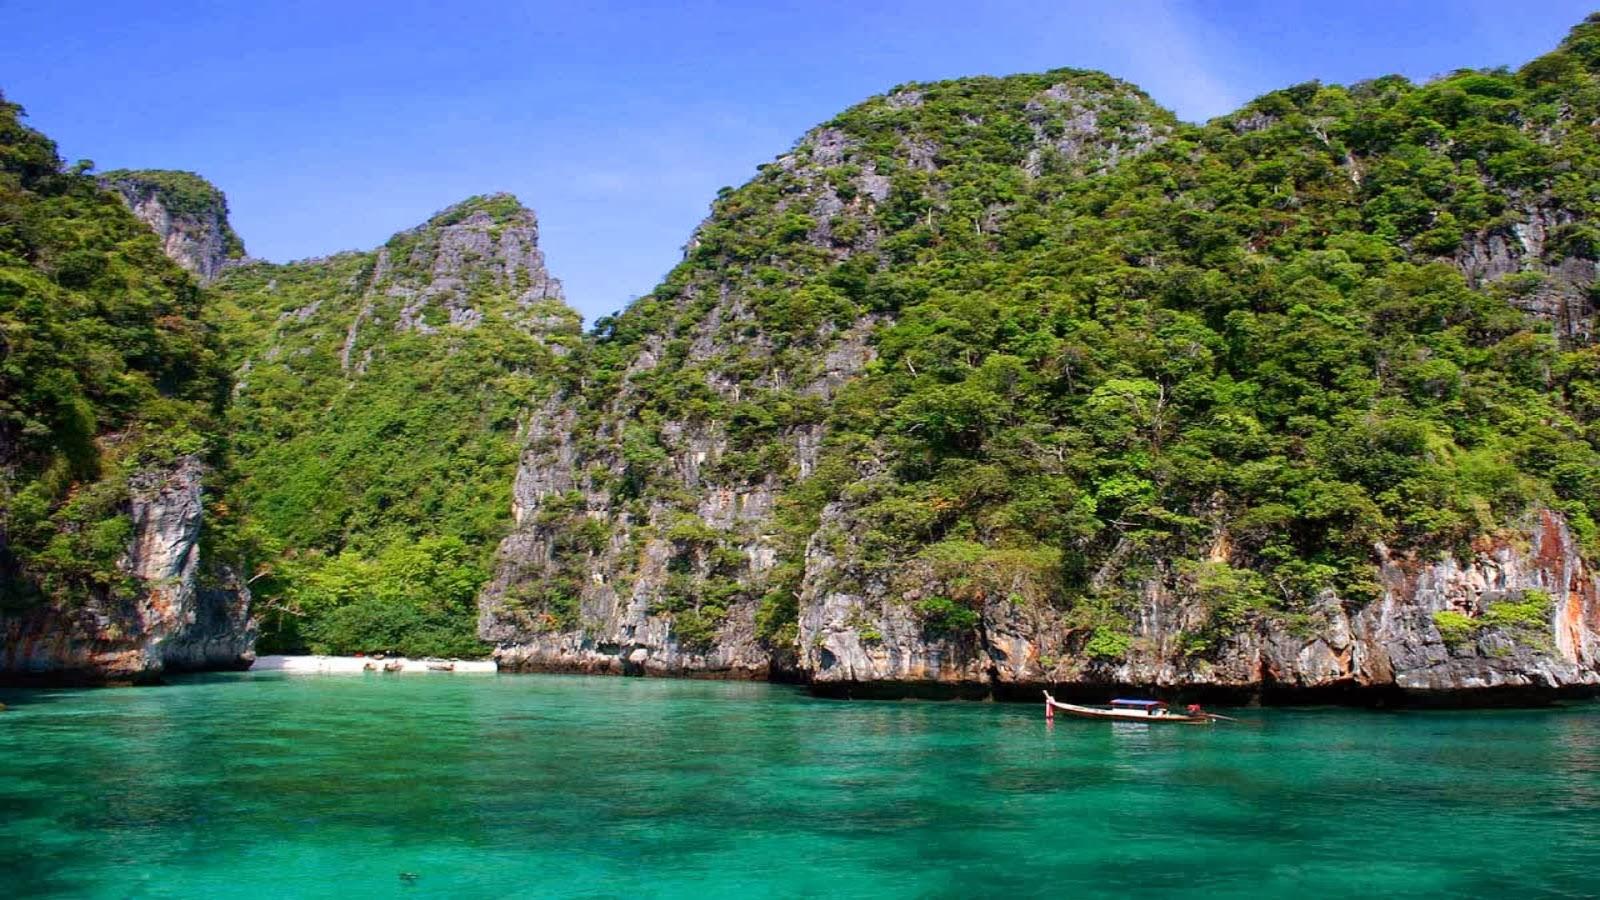 wallpapers thailand beach hd - photo #4